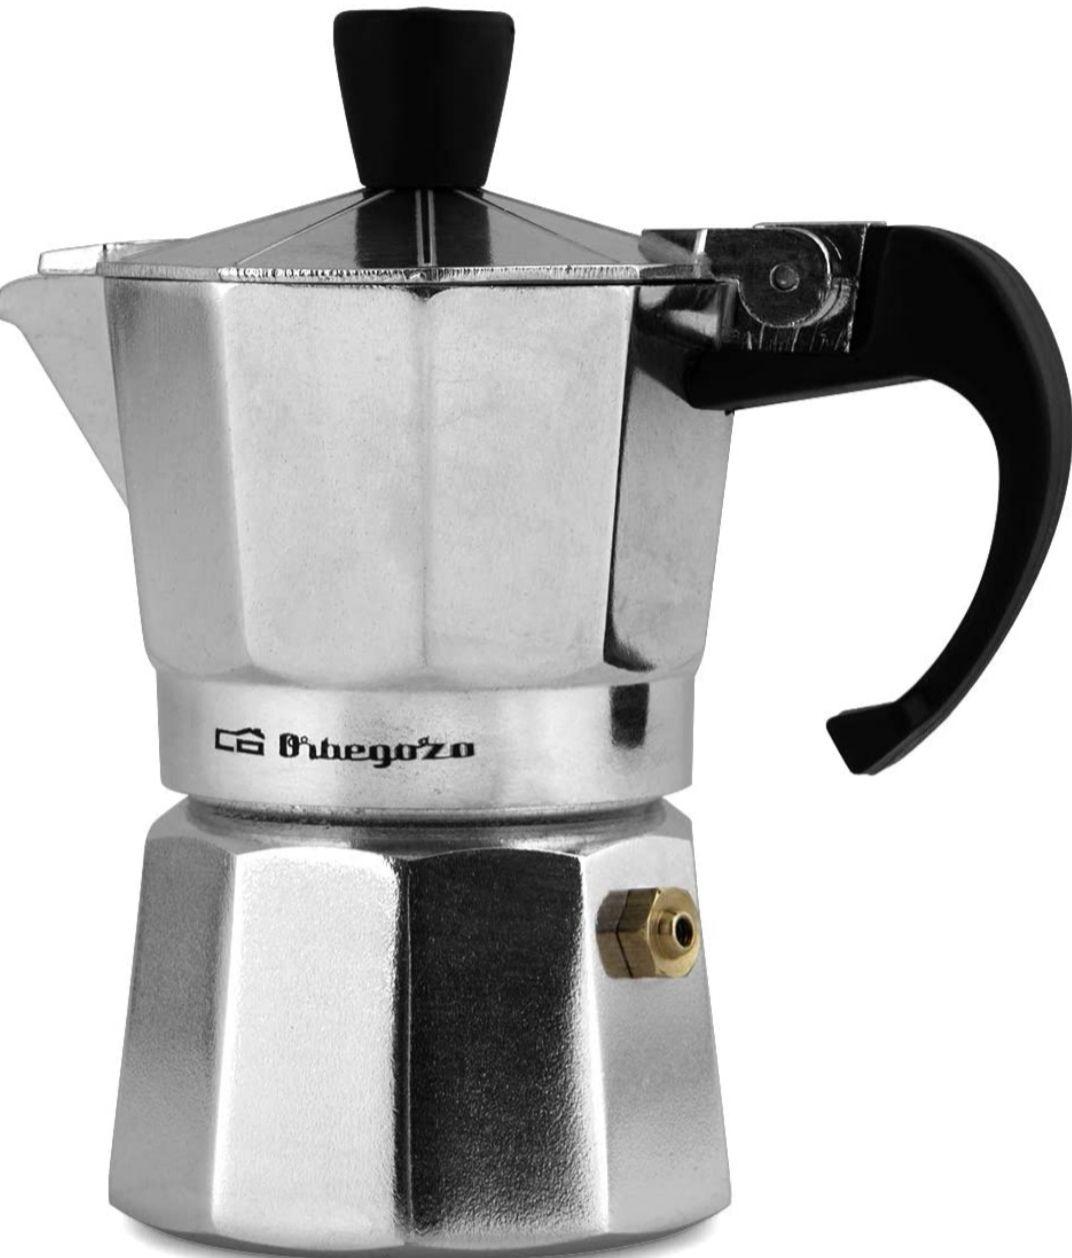 Orbegozo -Cafetera de Aluminio, 6 Tazas